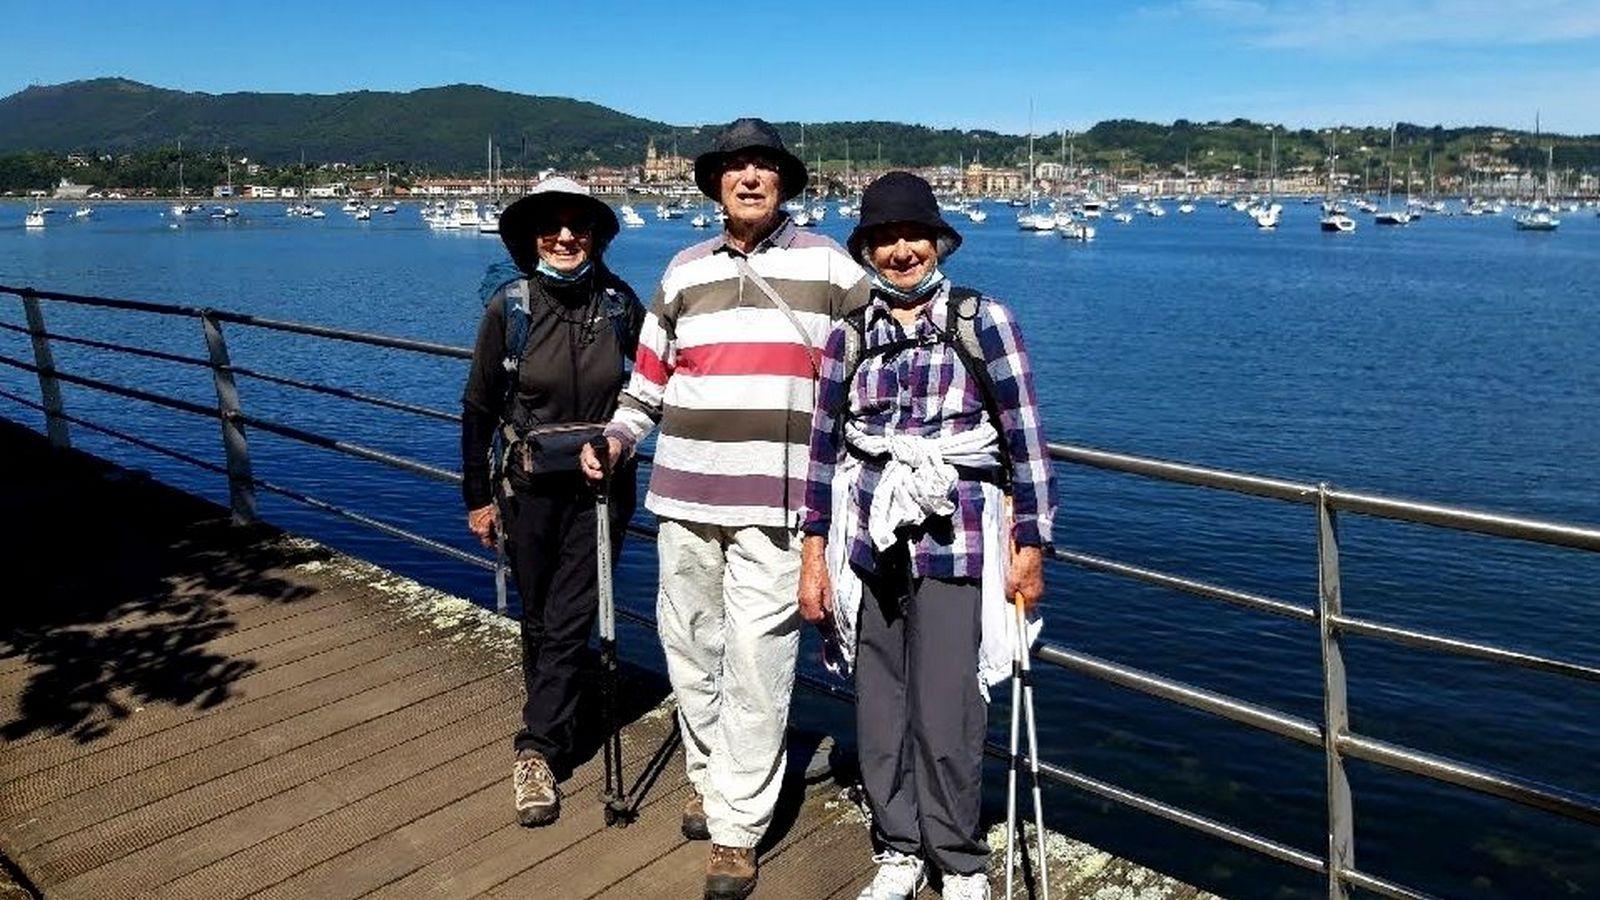 210520g5- à Hendaye : Baie de Txingudi, et passerelle Pierre Loti